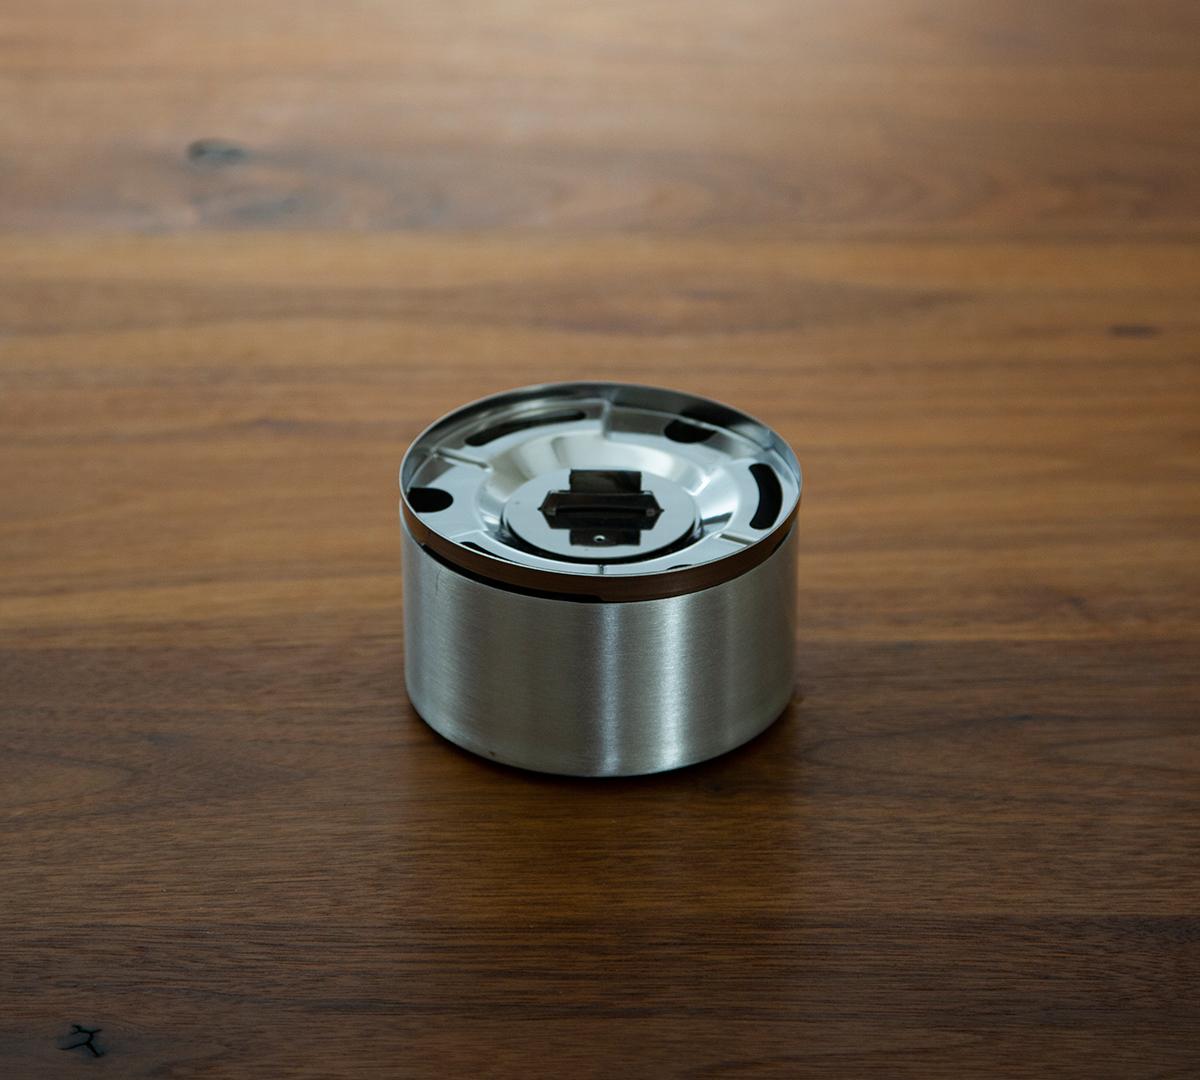 使い方①|おうちのテーブルで焚き火。煙が出ない、倒しても安心の専用燃料付きの「オイルランプ」|TENDER FLAME(テンダーフレーム)